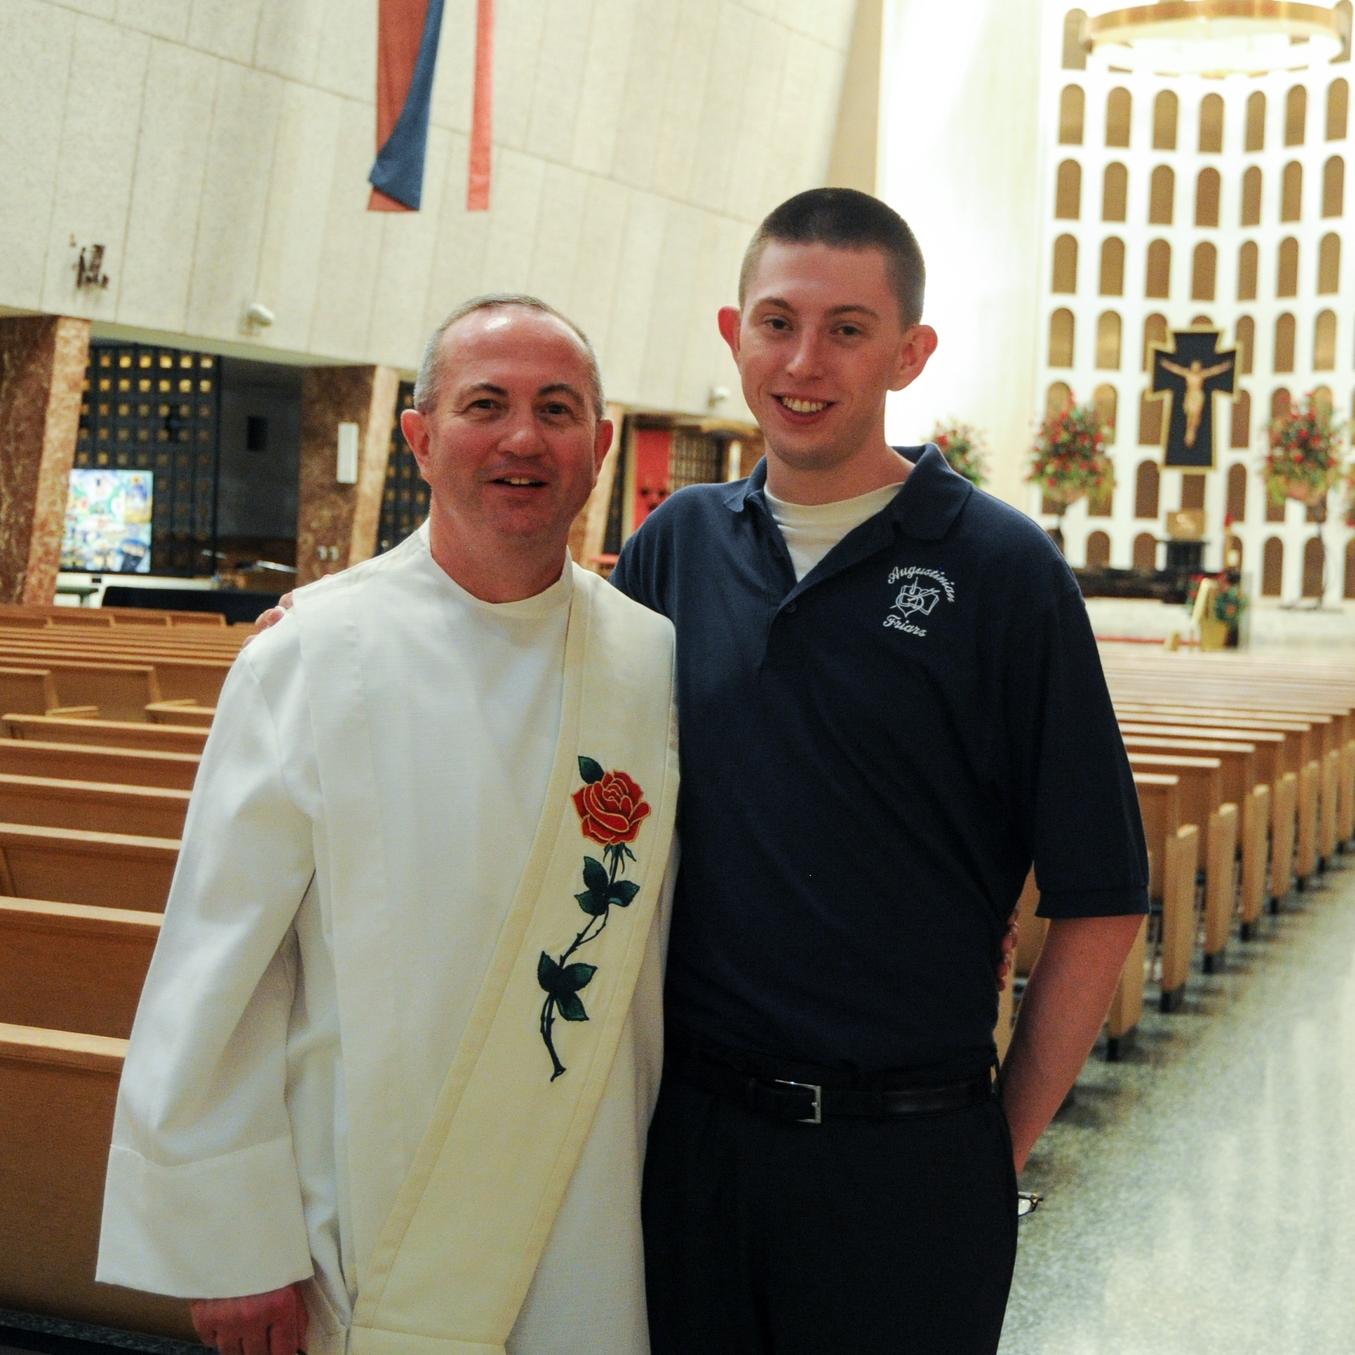 Deacon Bob Carroll with his son Bobby at St. Rita High School